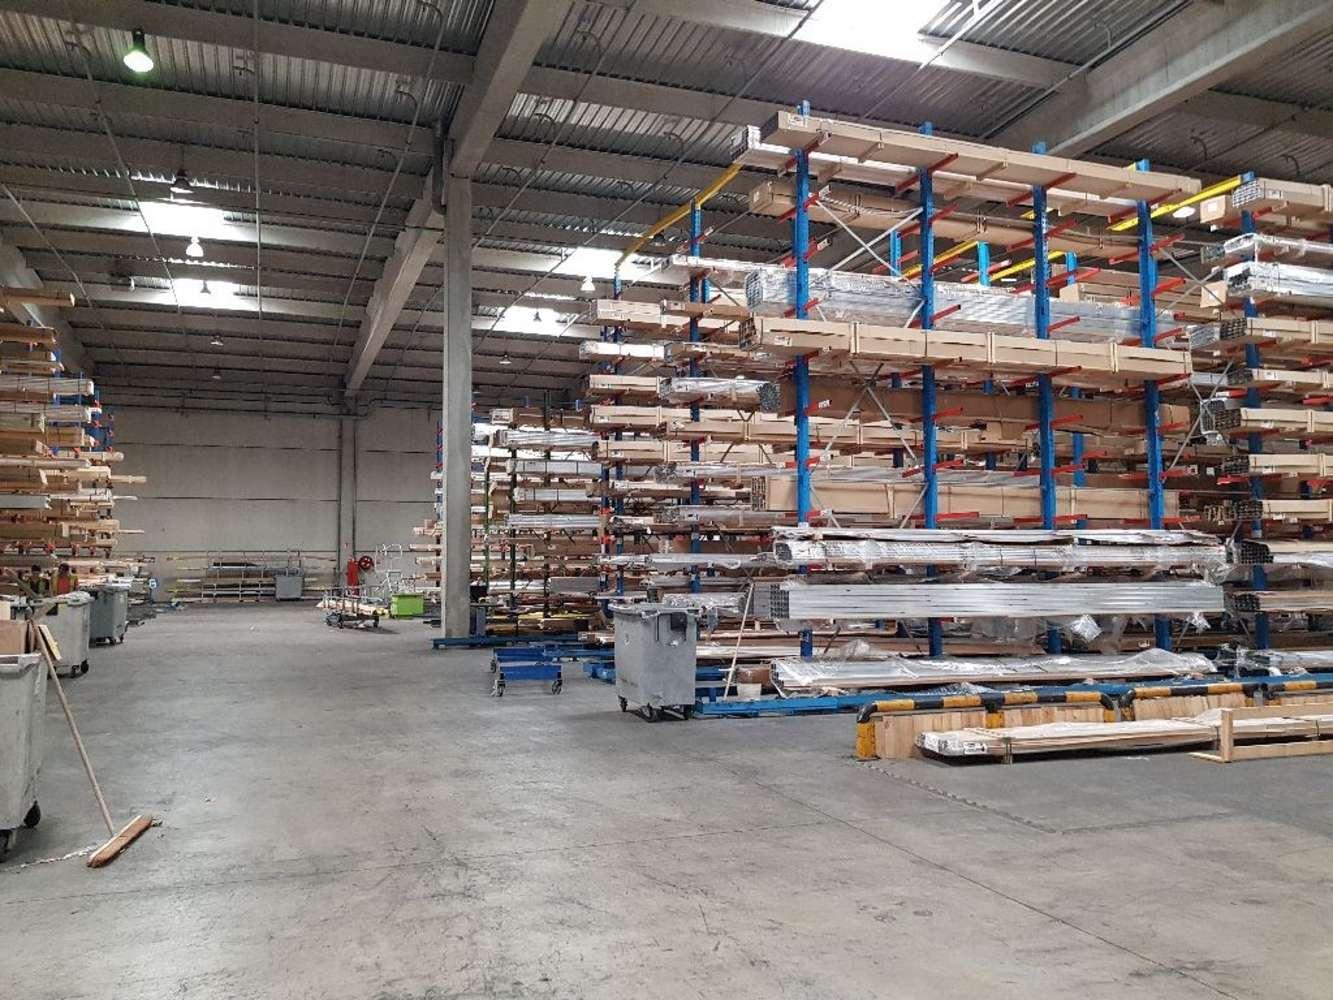 Plateformes logistiques La boisse, 01120 - LOCATION ENTREPOT LYON NORD - AIN - 10471401